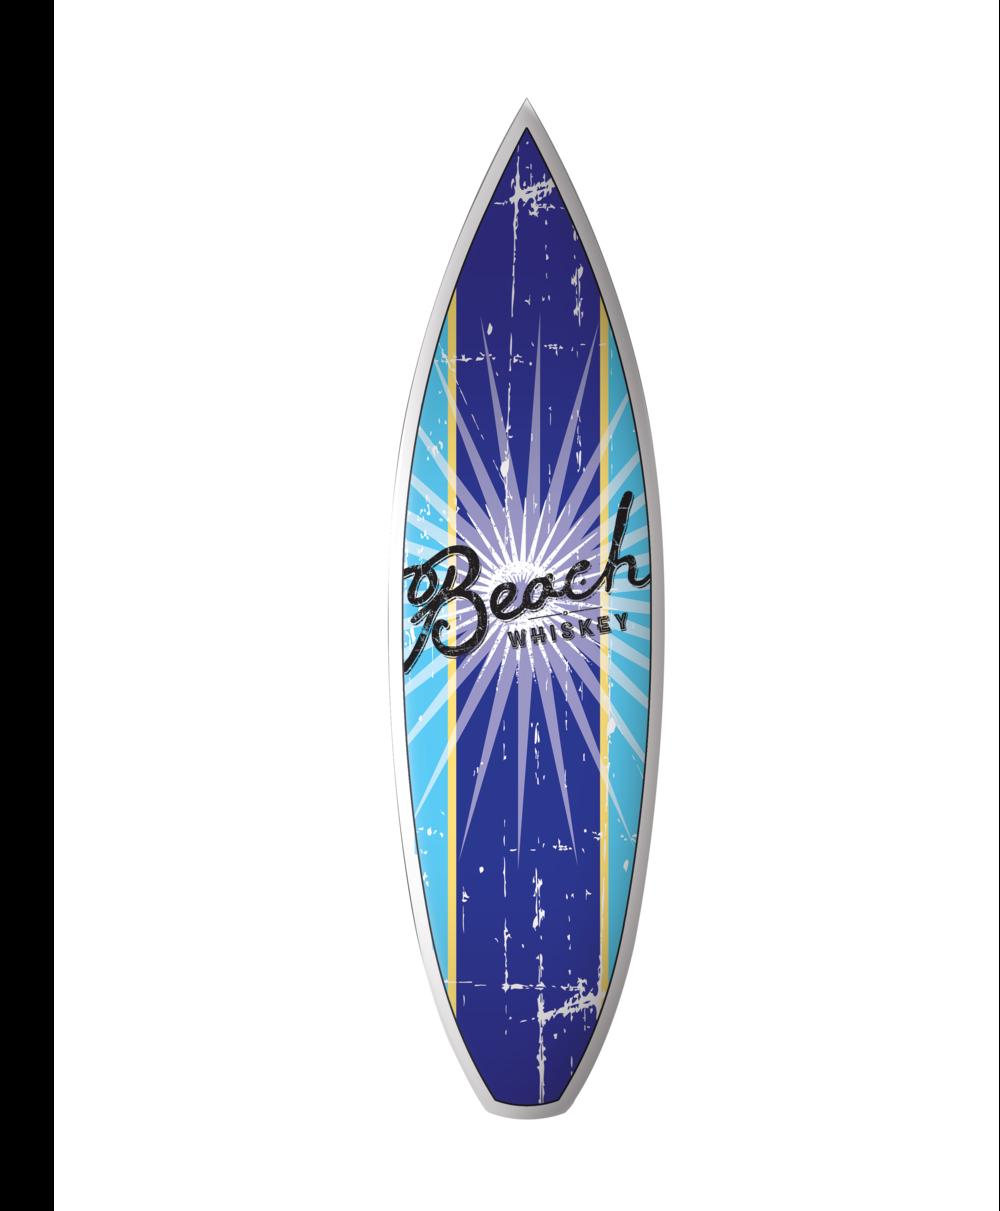 Surfboard - USA